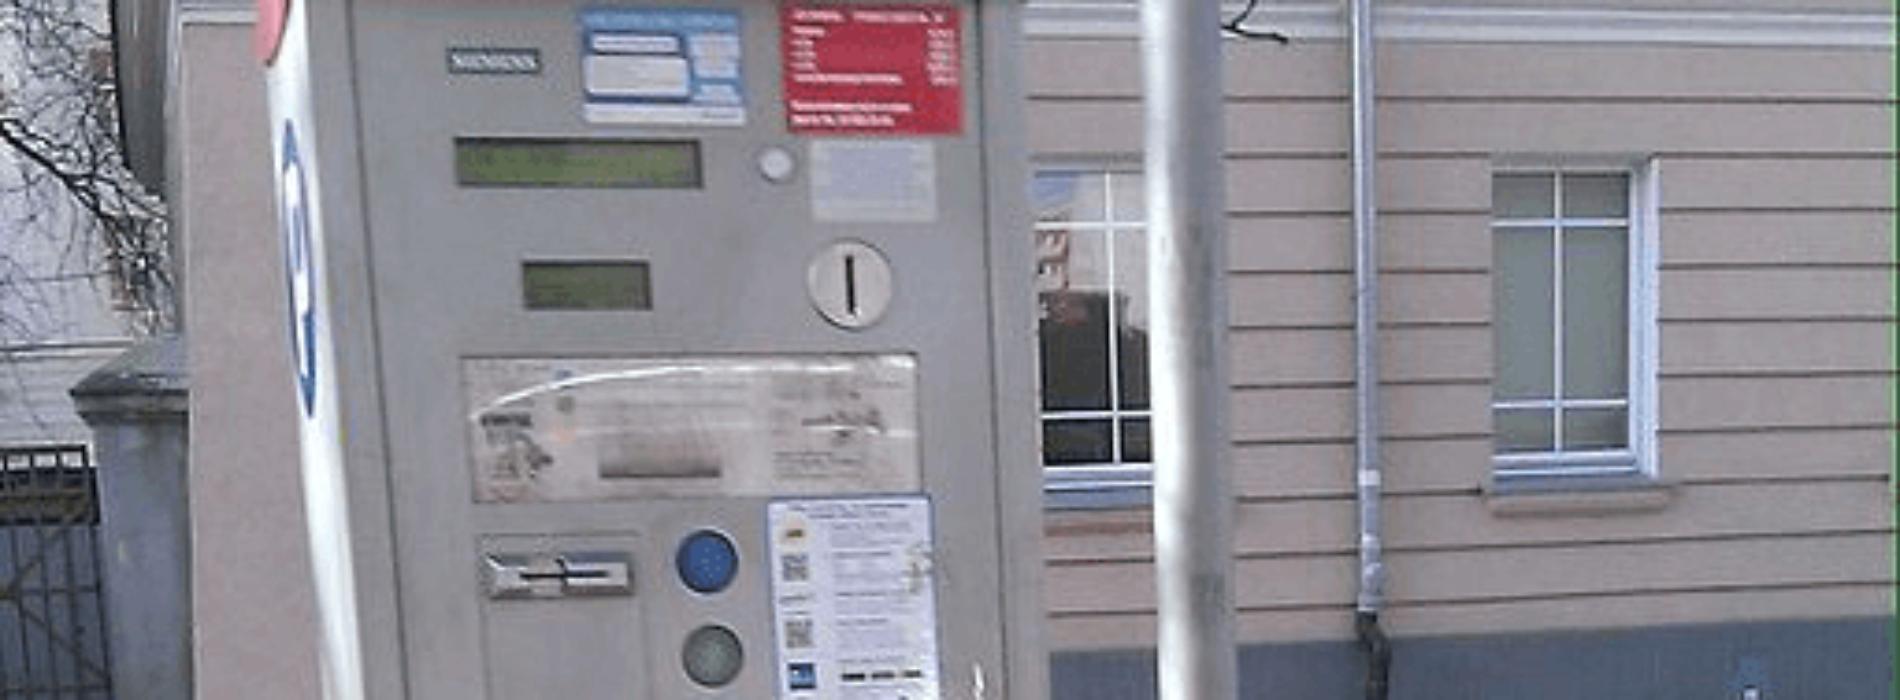 Strefa Płatnego Parkowania bez opłat w Sylwestra